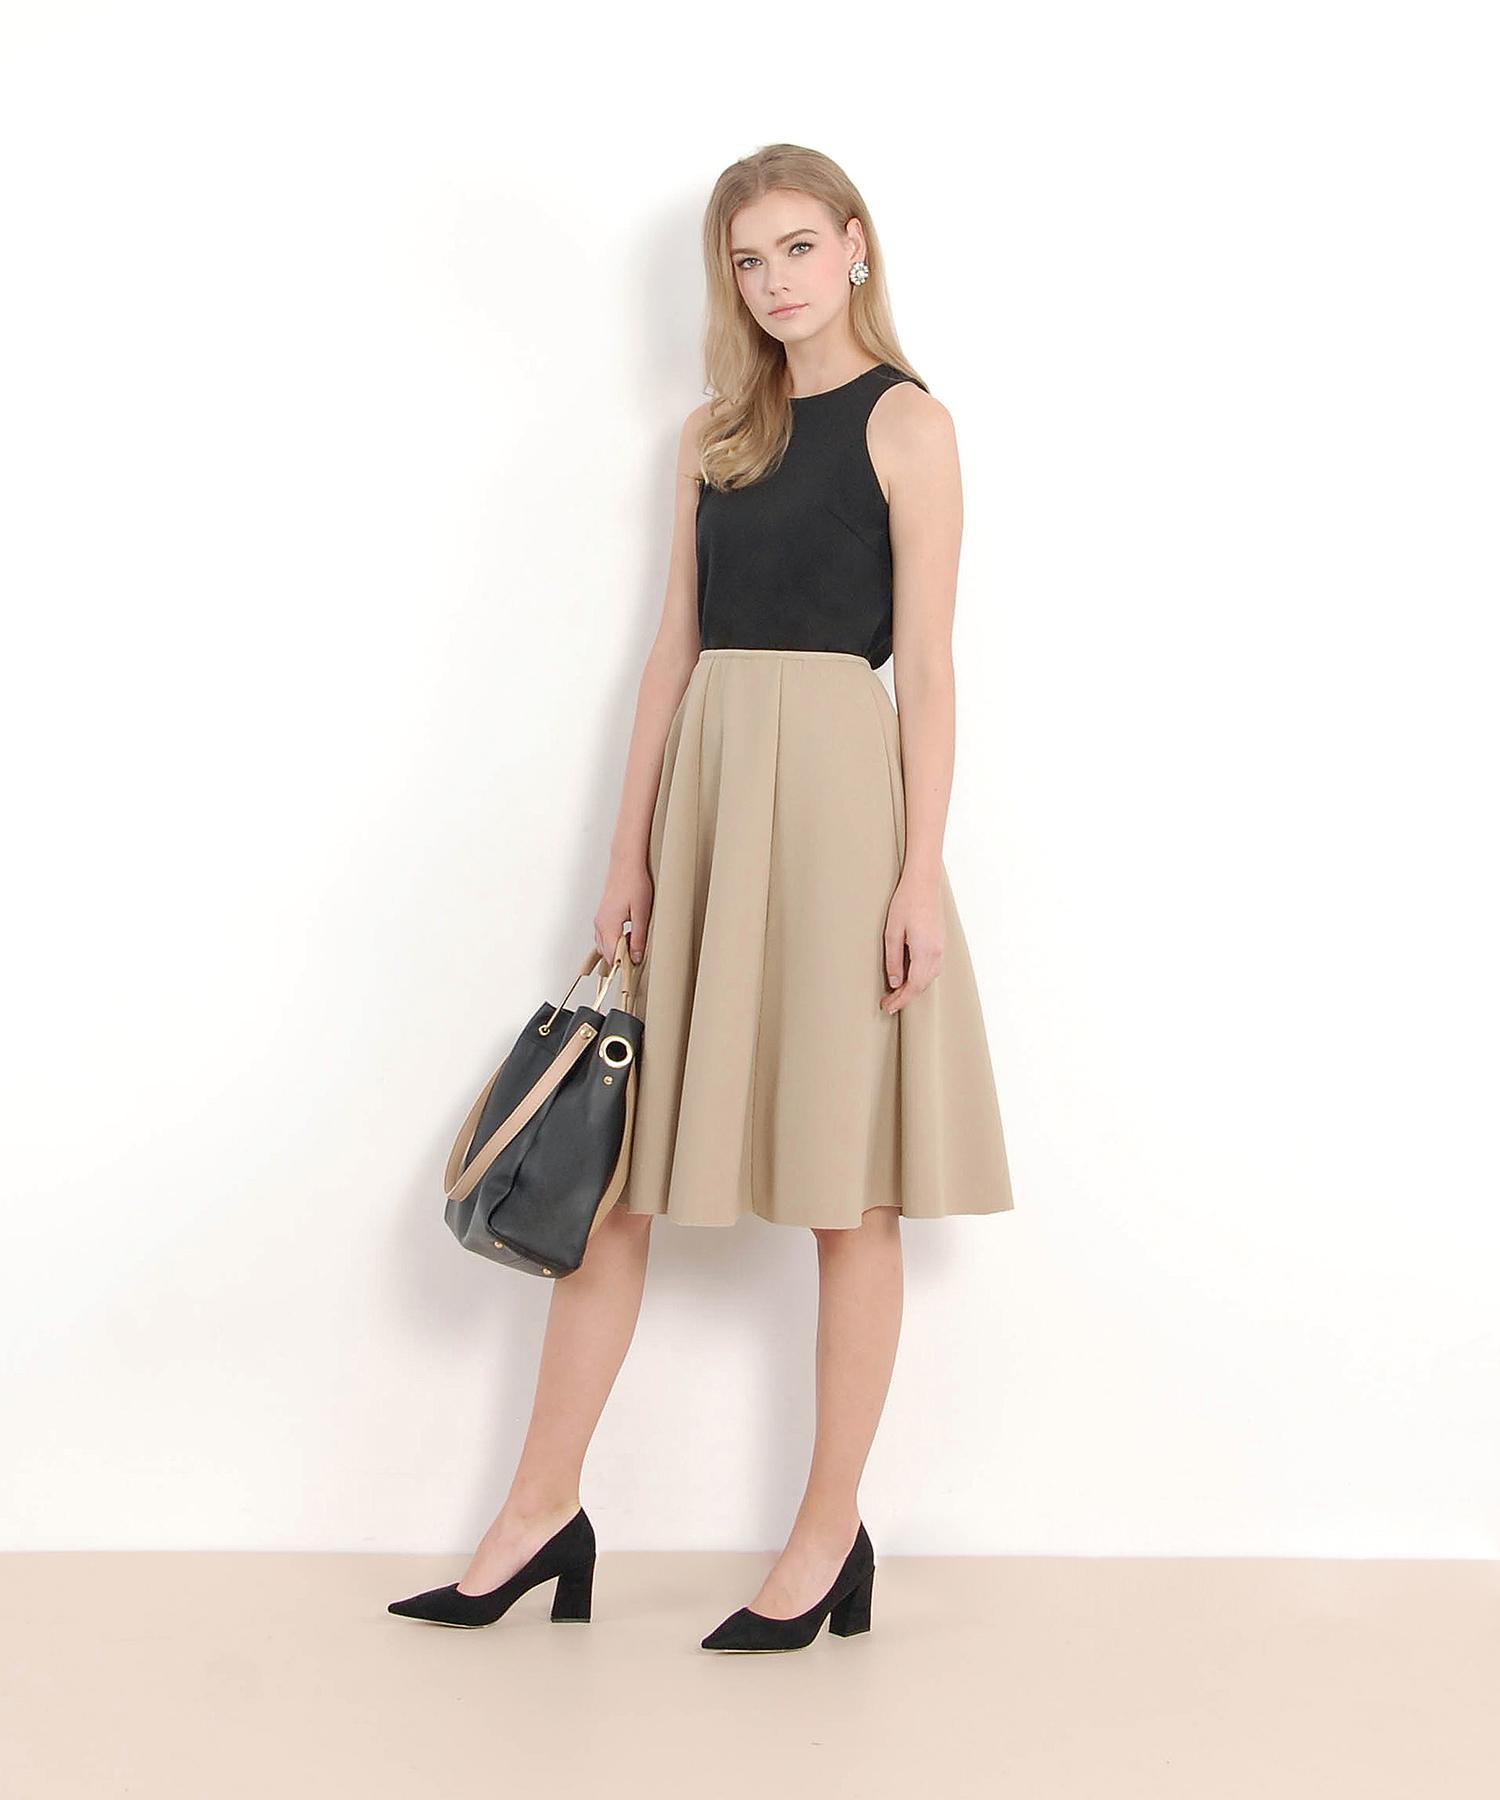 Duchess Structured Midi Skirt - Khaki | Her Velvet Vase